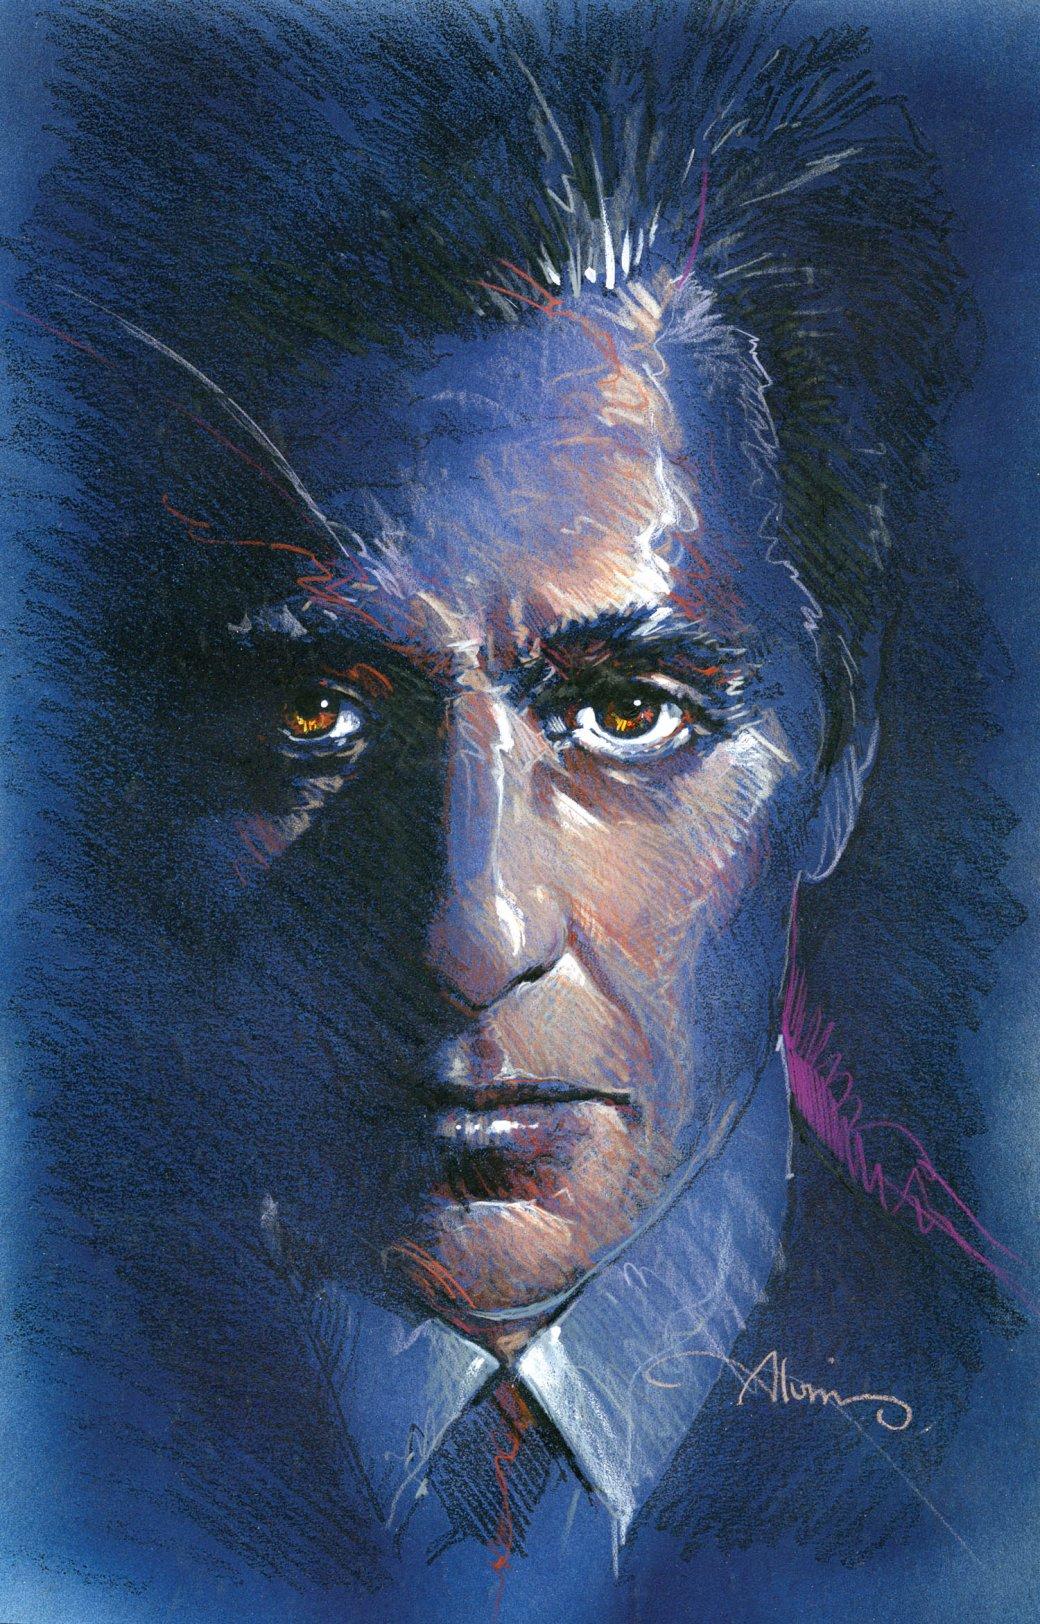 Неопубликованные постеры Джона Элвина - Изображение 8